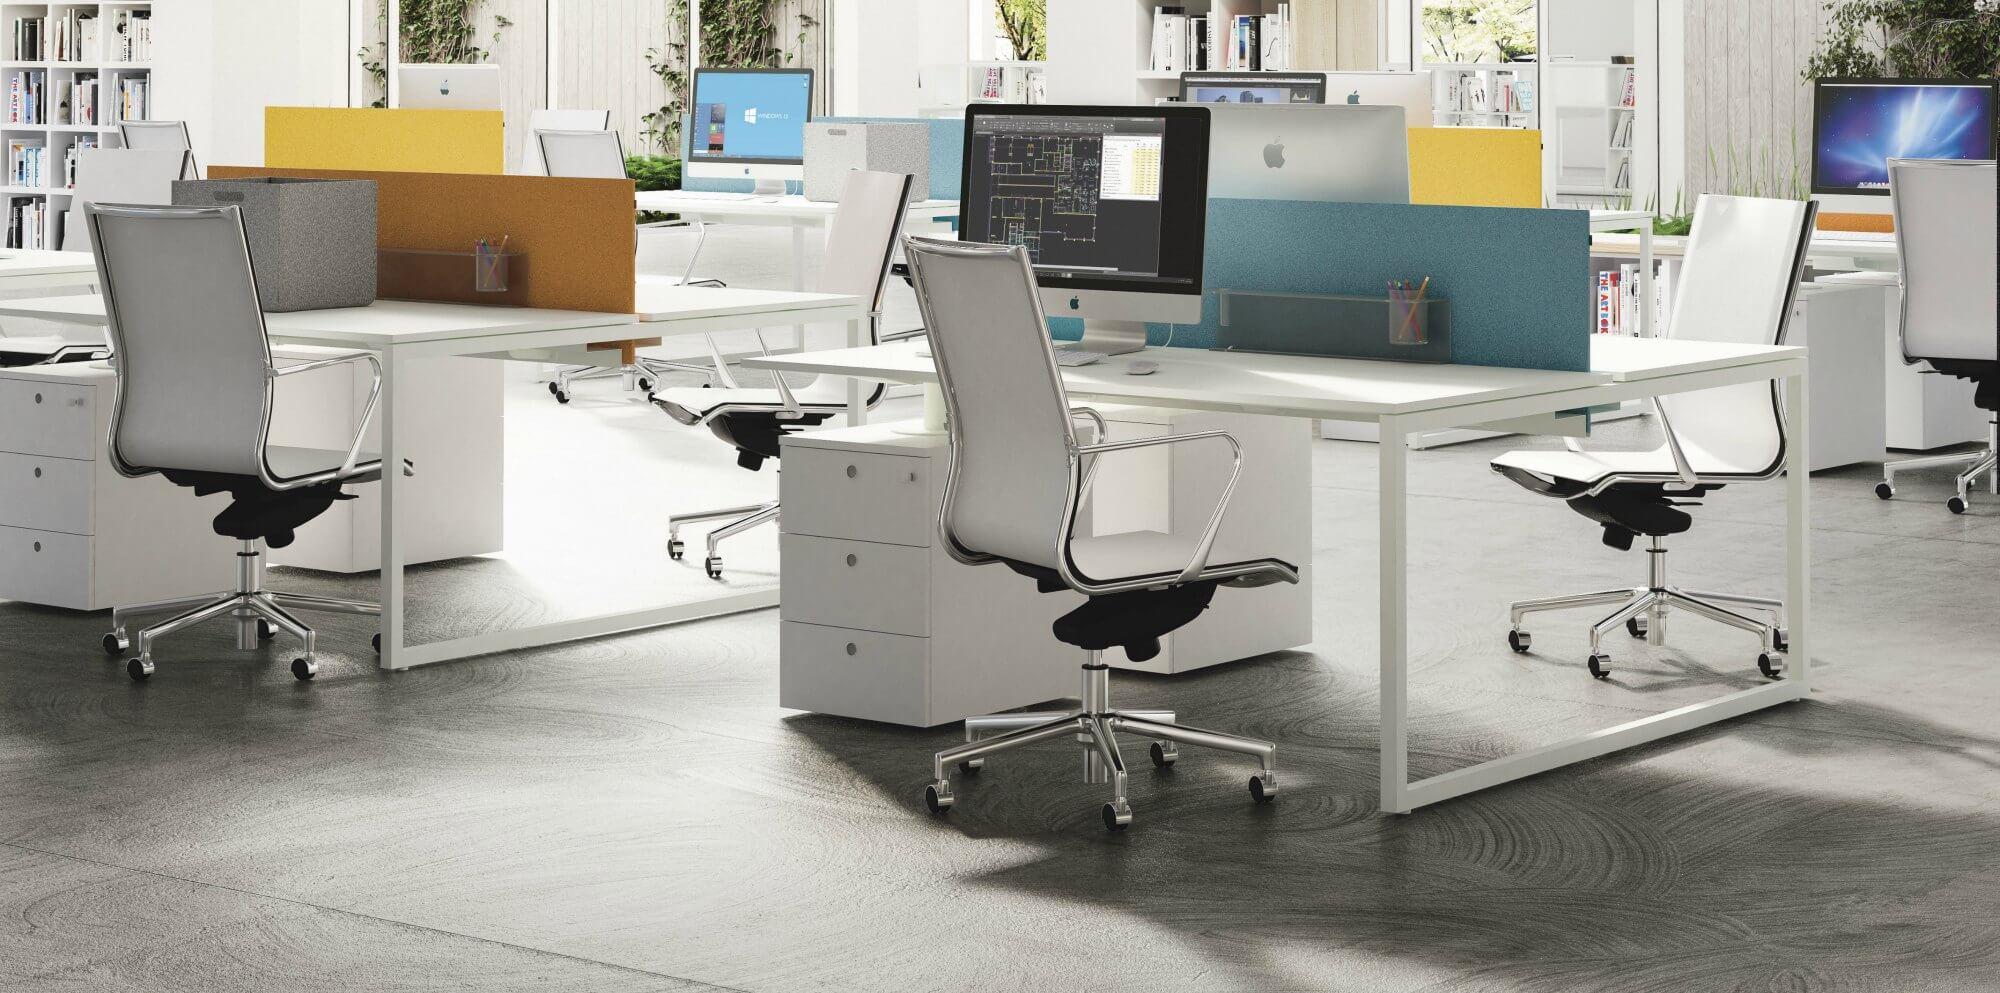 Mobiliario de oficina barcelona adeyaka bcn2 adeyaka bcn for Mobiliario oficina barcelona